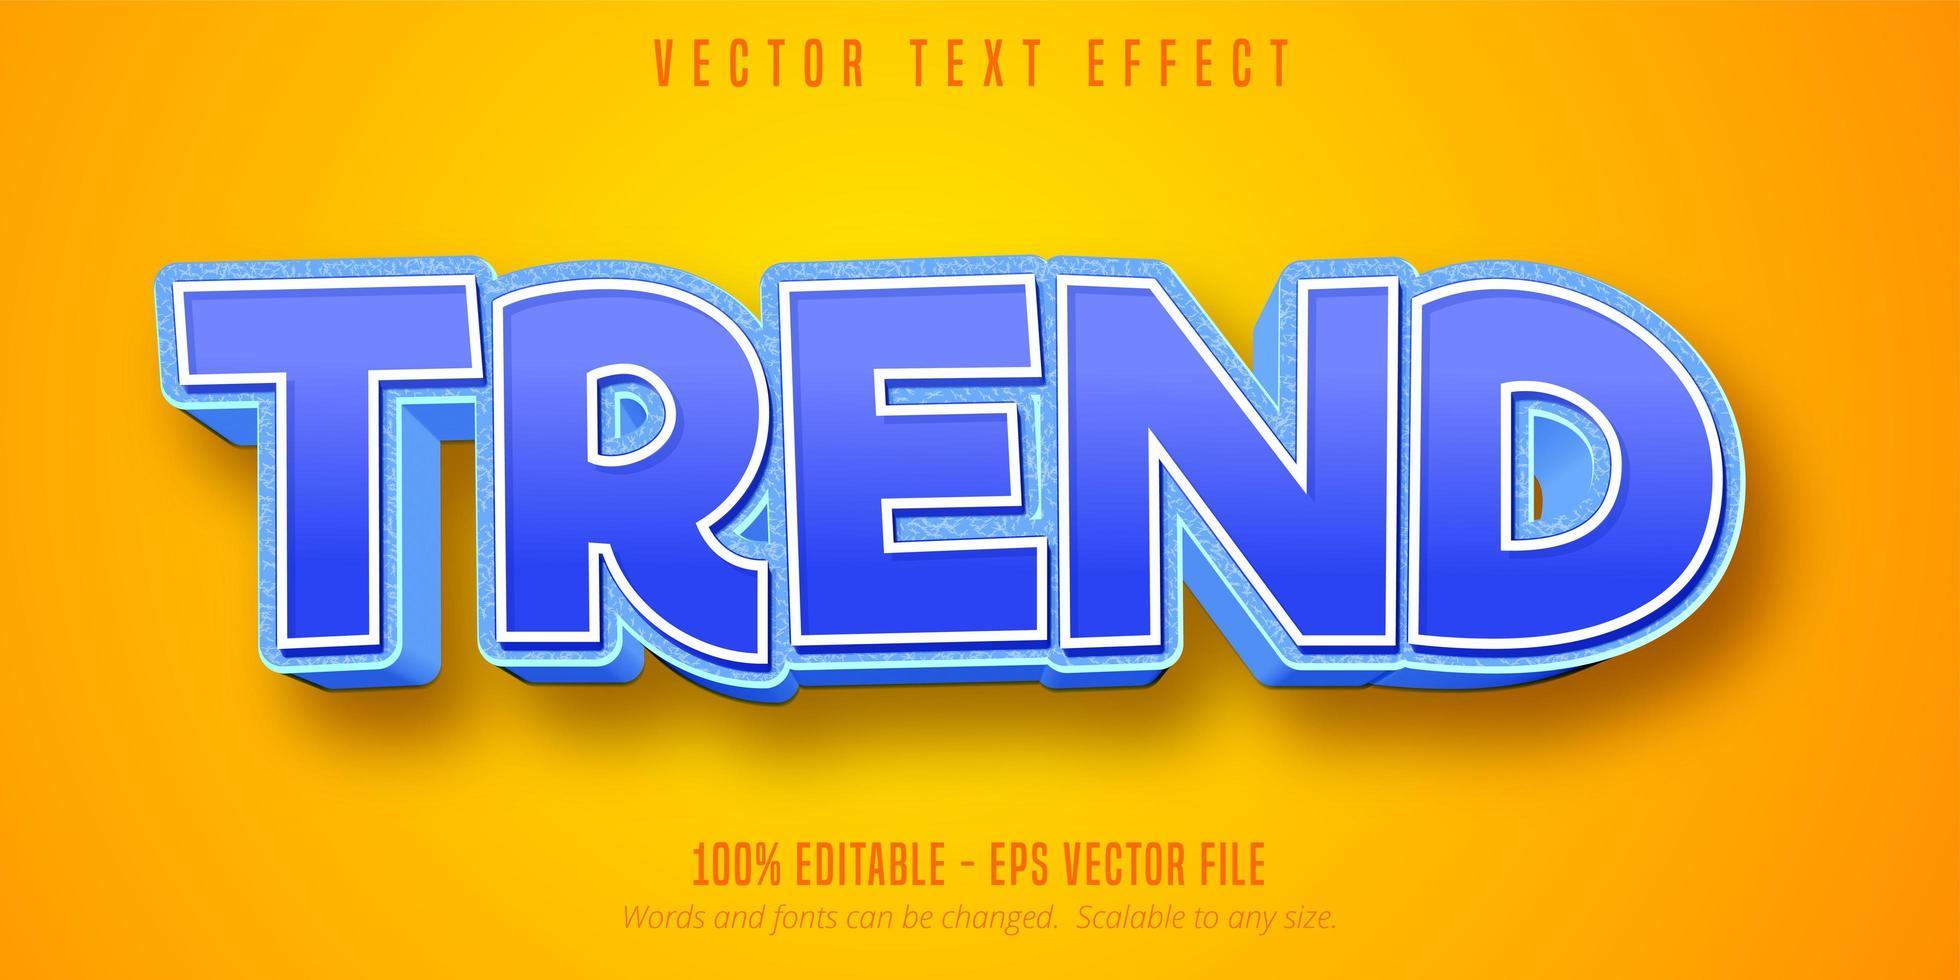 texte de tendance bleu et blanc, effet de texte de style dessin animé vecteur